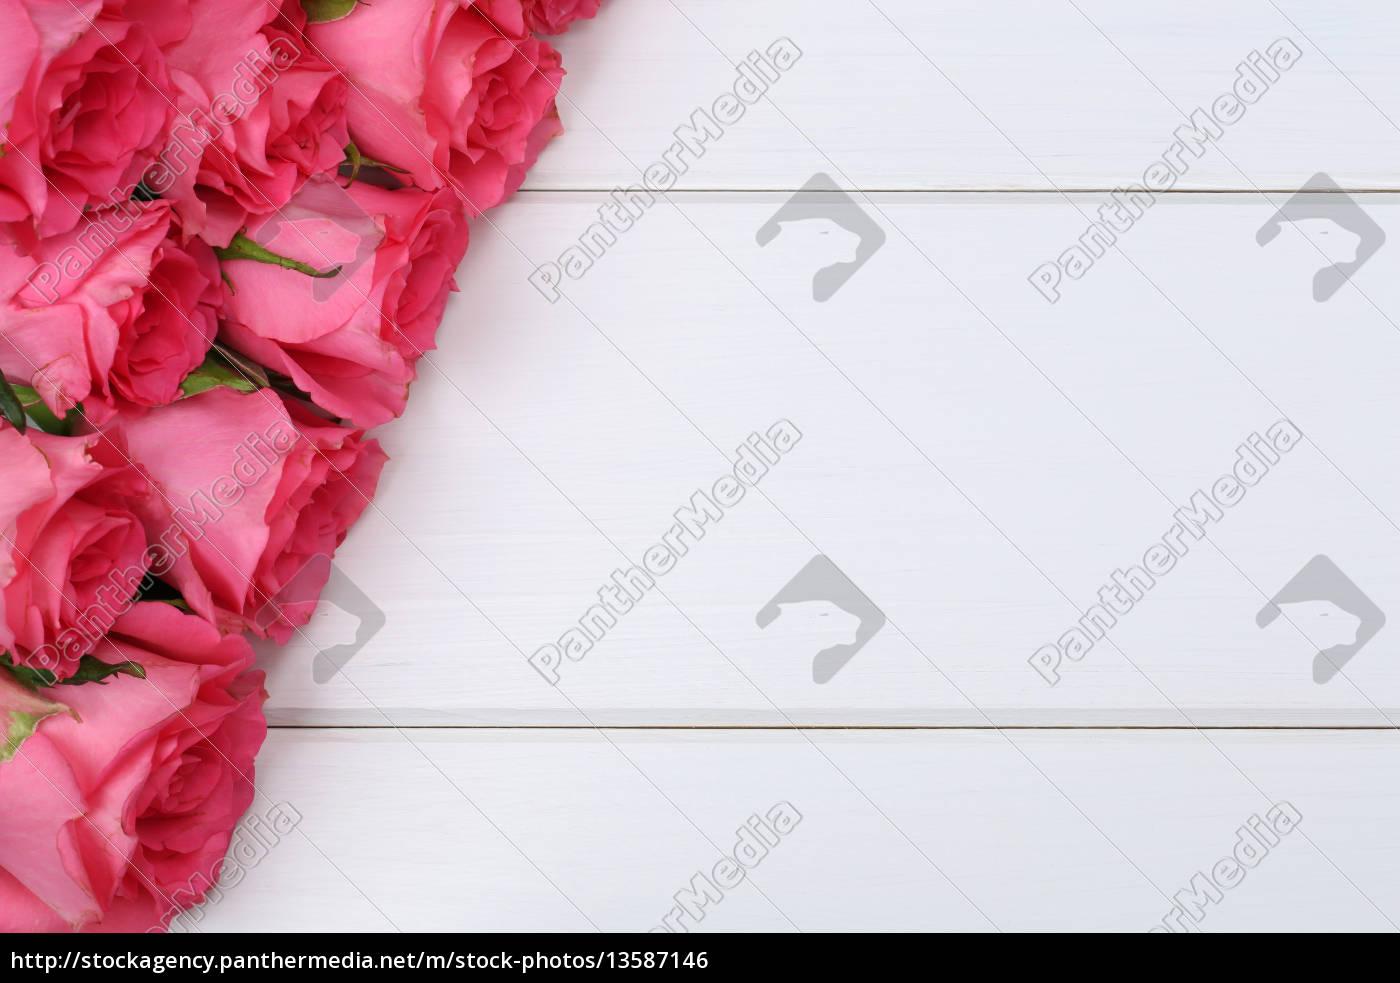 Stock Photo 13587146   Rosen Blumen Zum Valentinstag Oder Muttertag Auf  Holzbrett